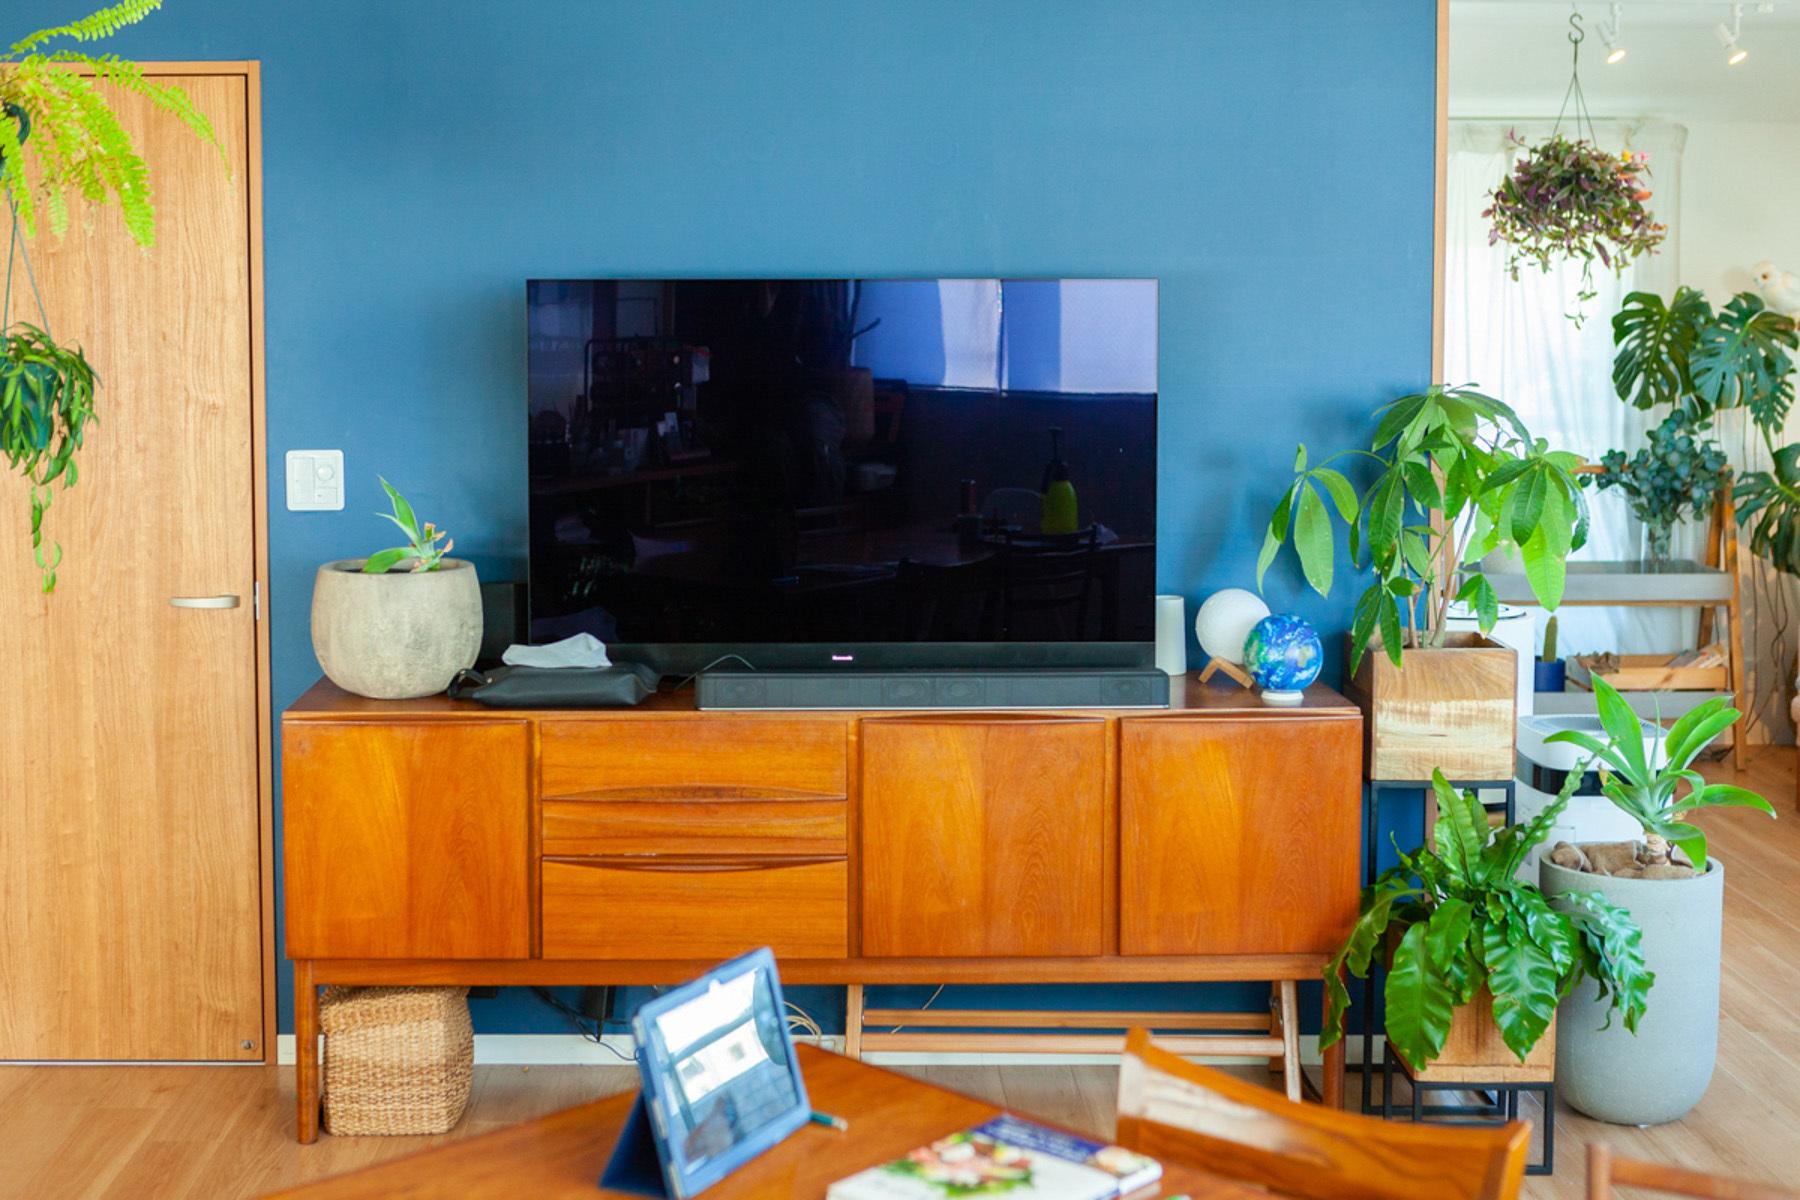 Home学芸大学 (Studio Licorneマネージメントスペース)6F ベッドルーム